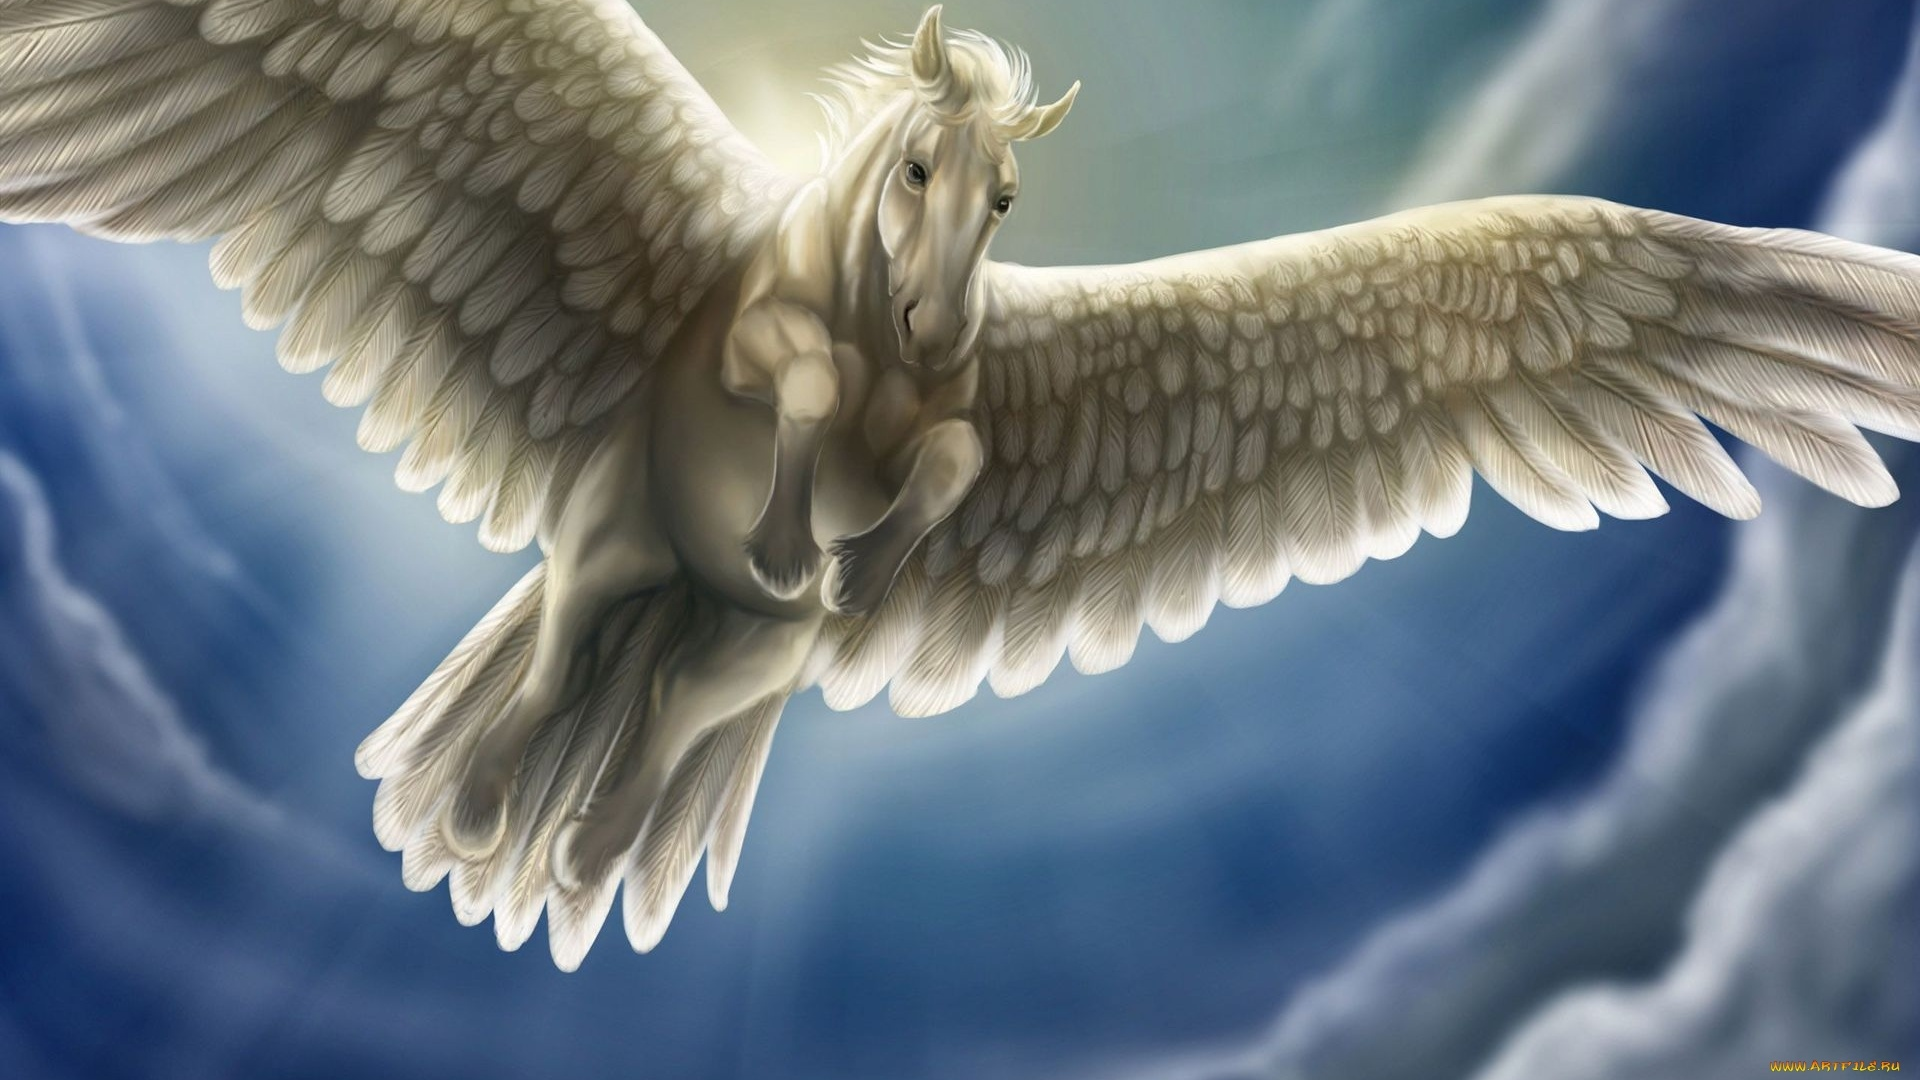 Pegasus Art wallpaper for desktop